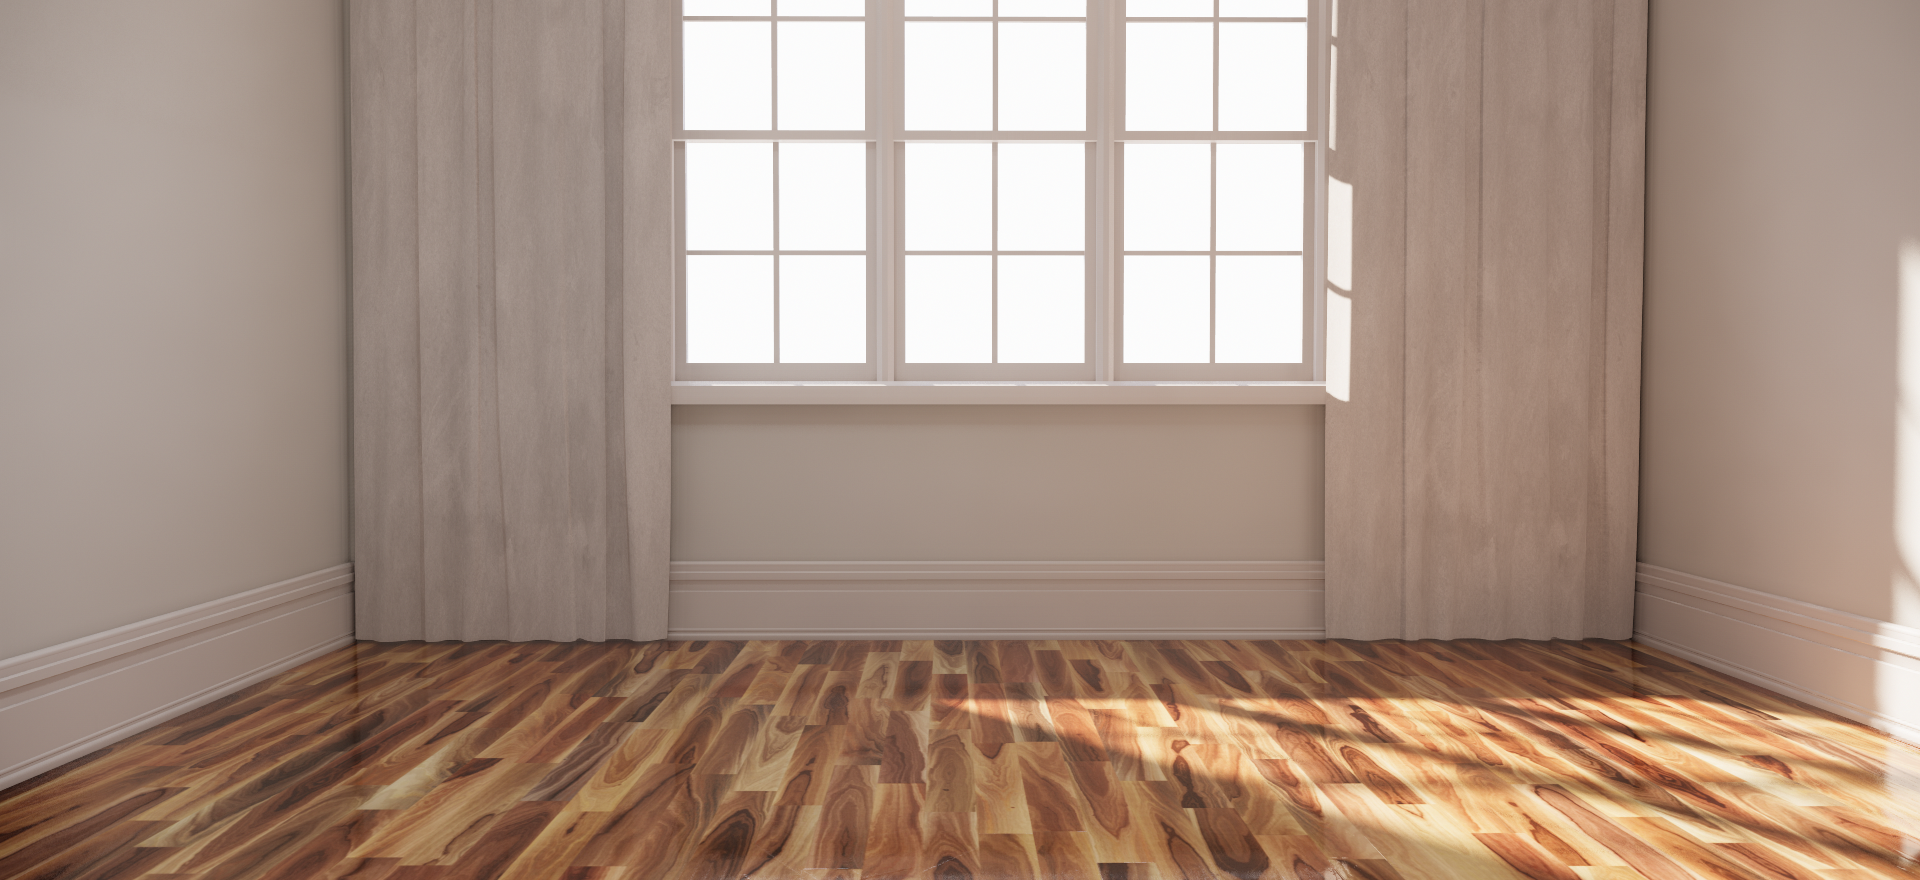 Wood Flooring 24.png